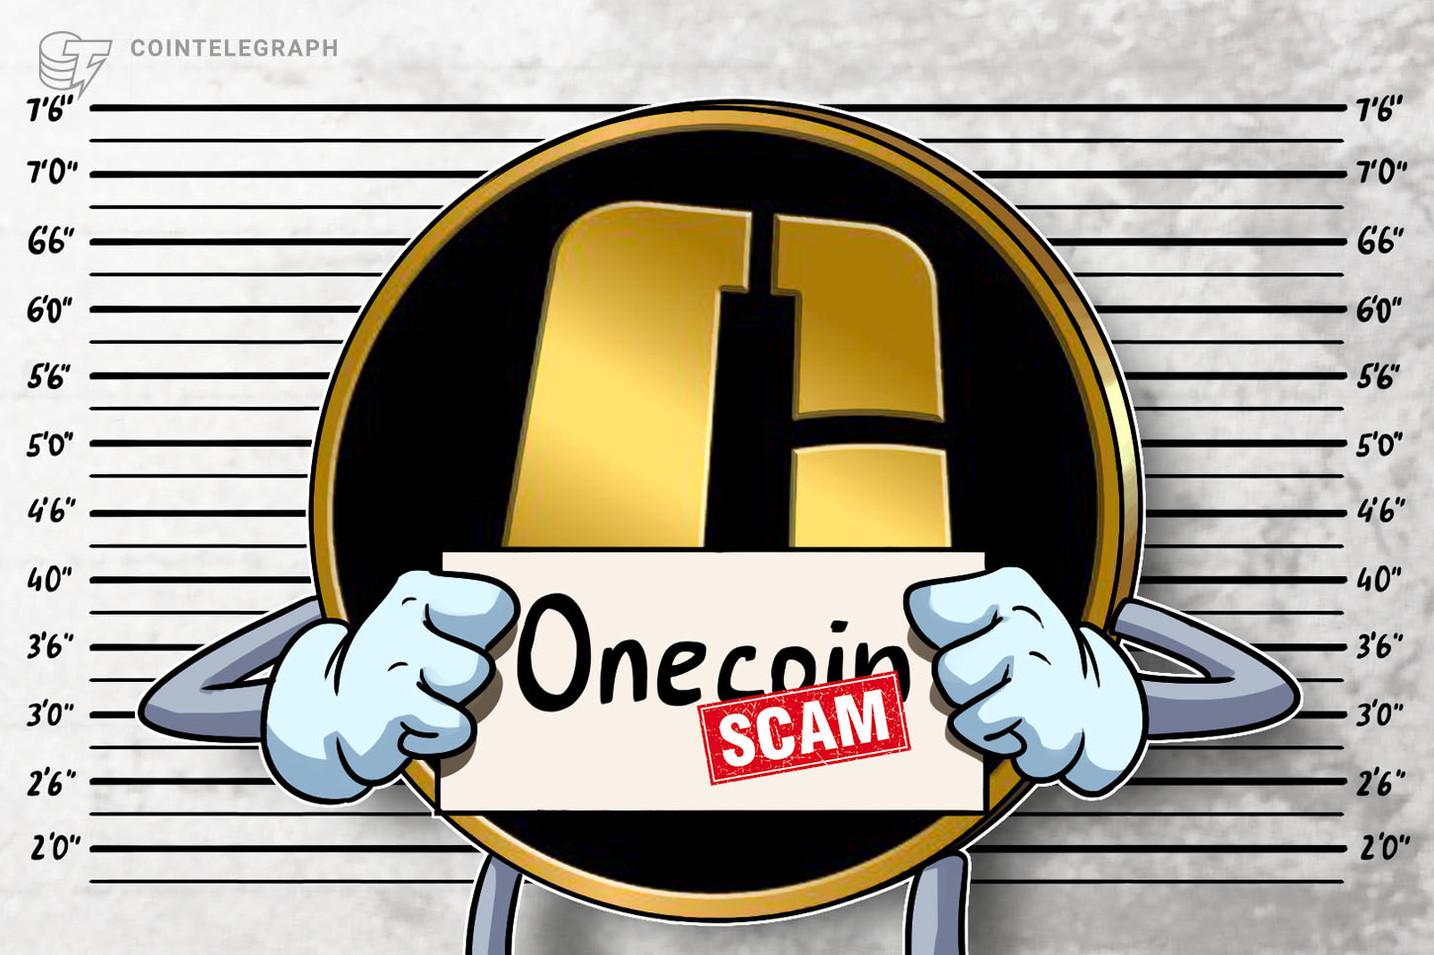 Il cofondatore di OneCoin si dichiara colpevole, rischia 90 anni di carcere